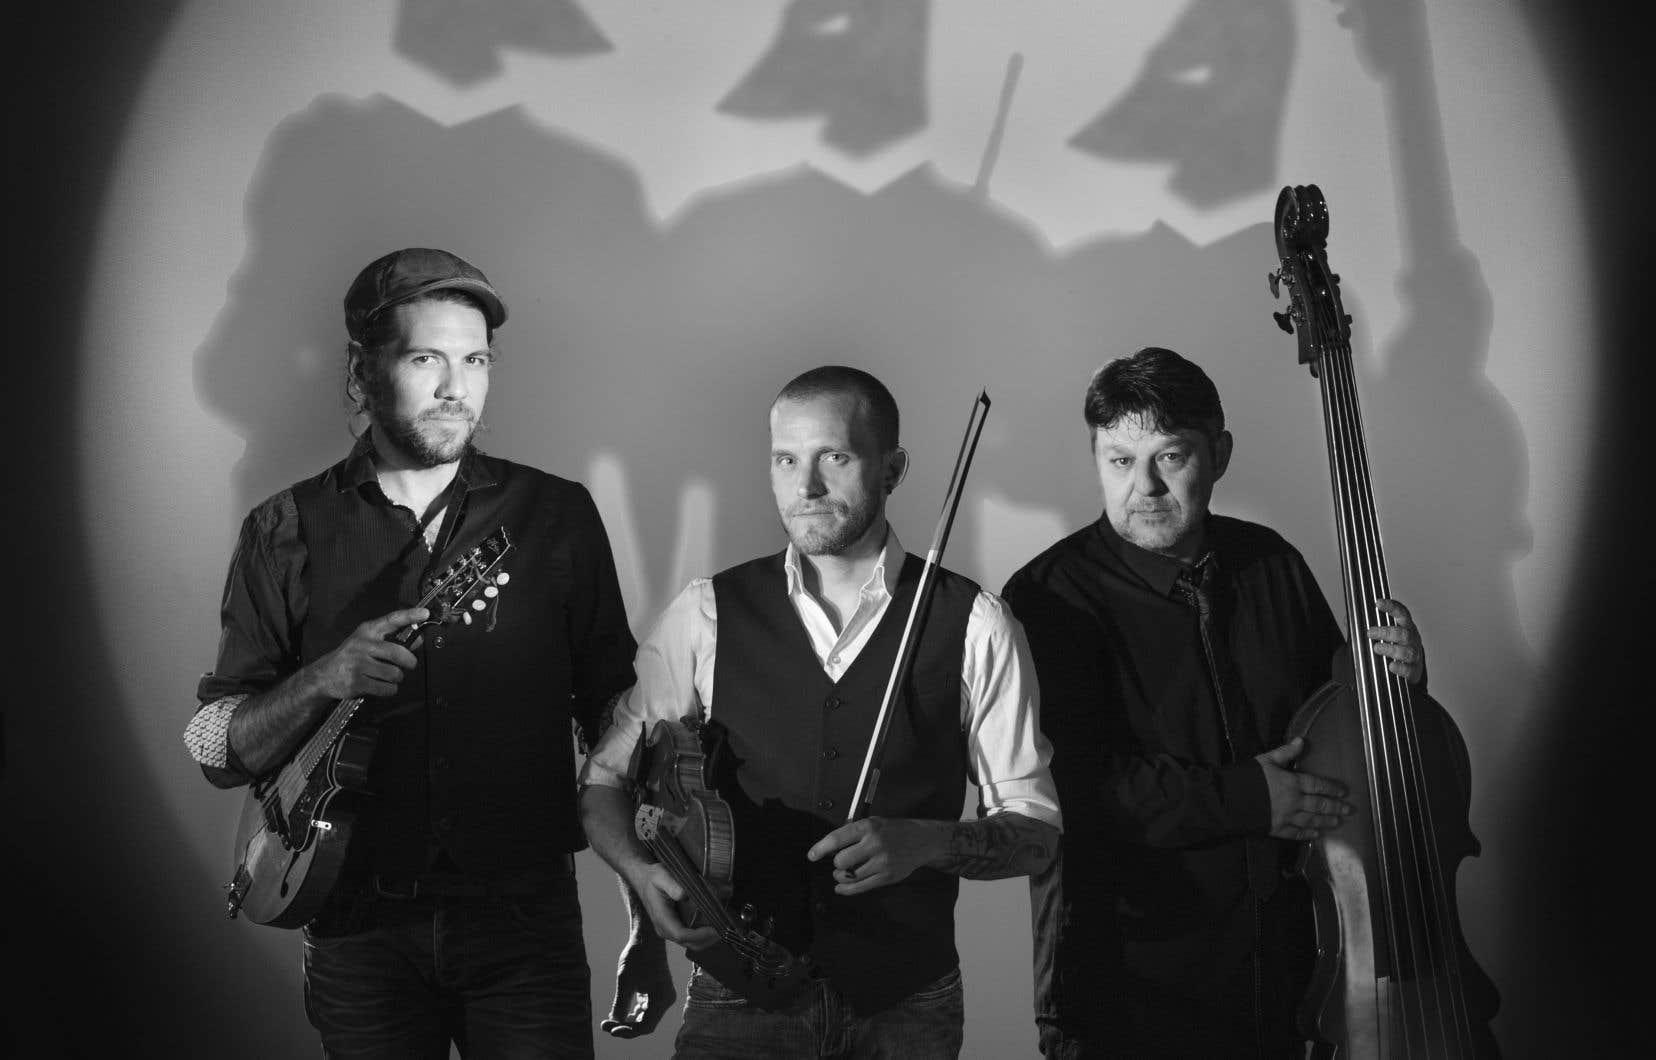 La formation musicale les Grands Hurleurs sera l'invitée du groupe Le Vent du Nord sur la scène du Club Soda vendredi soir.